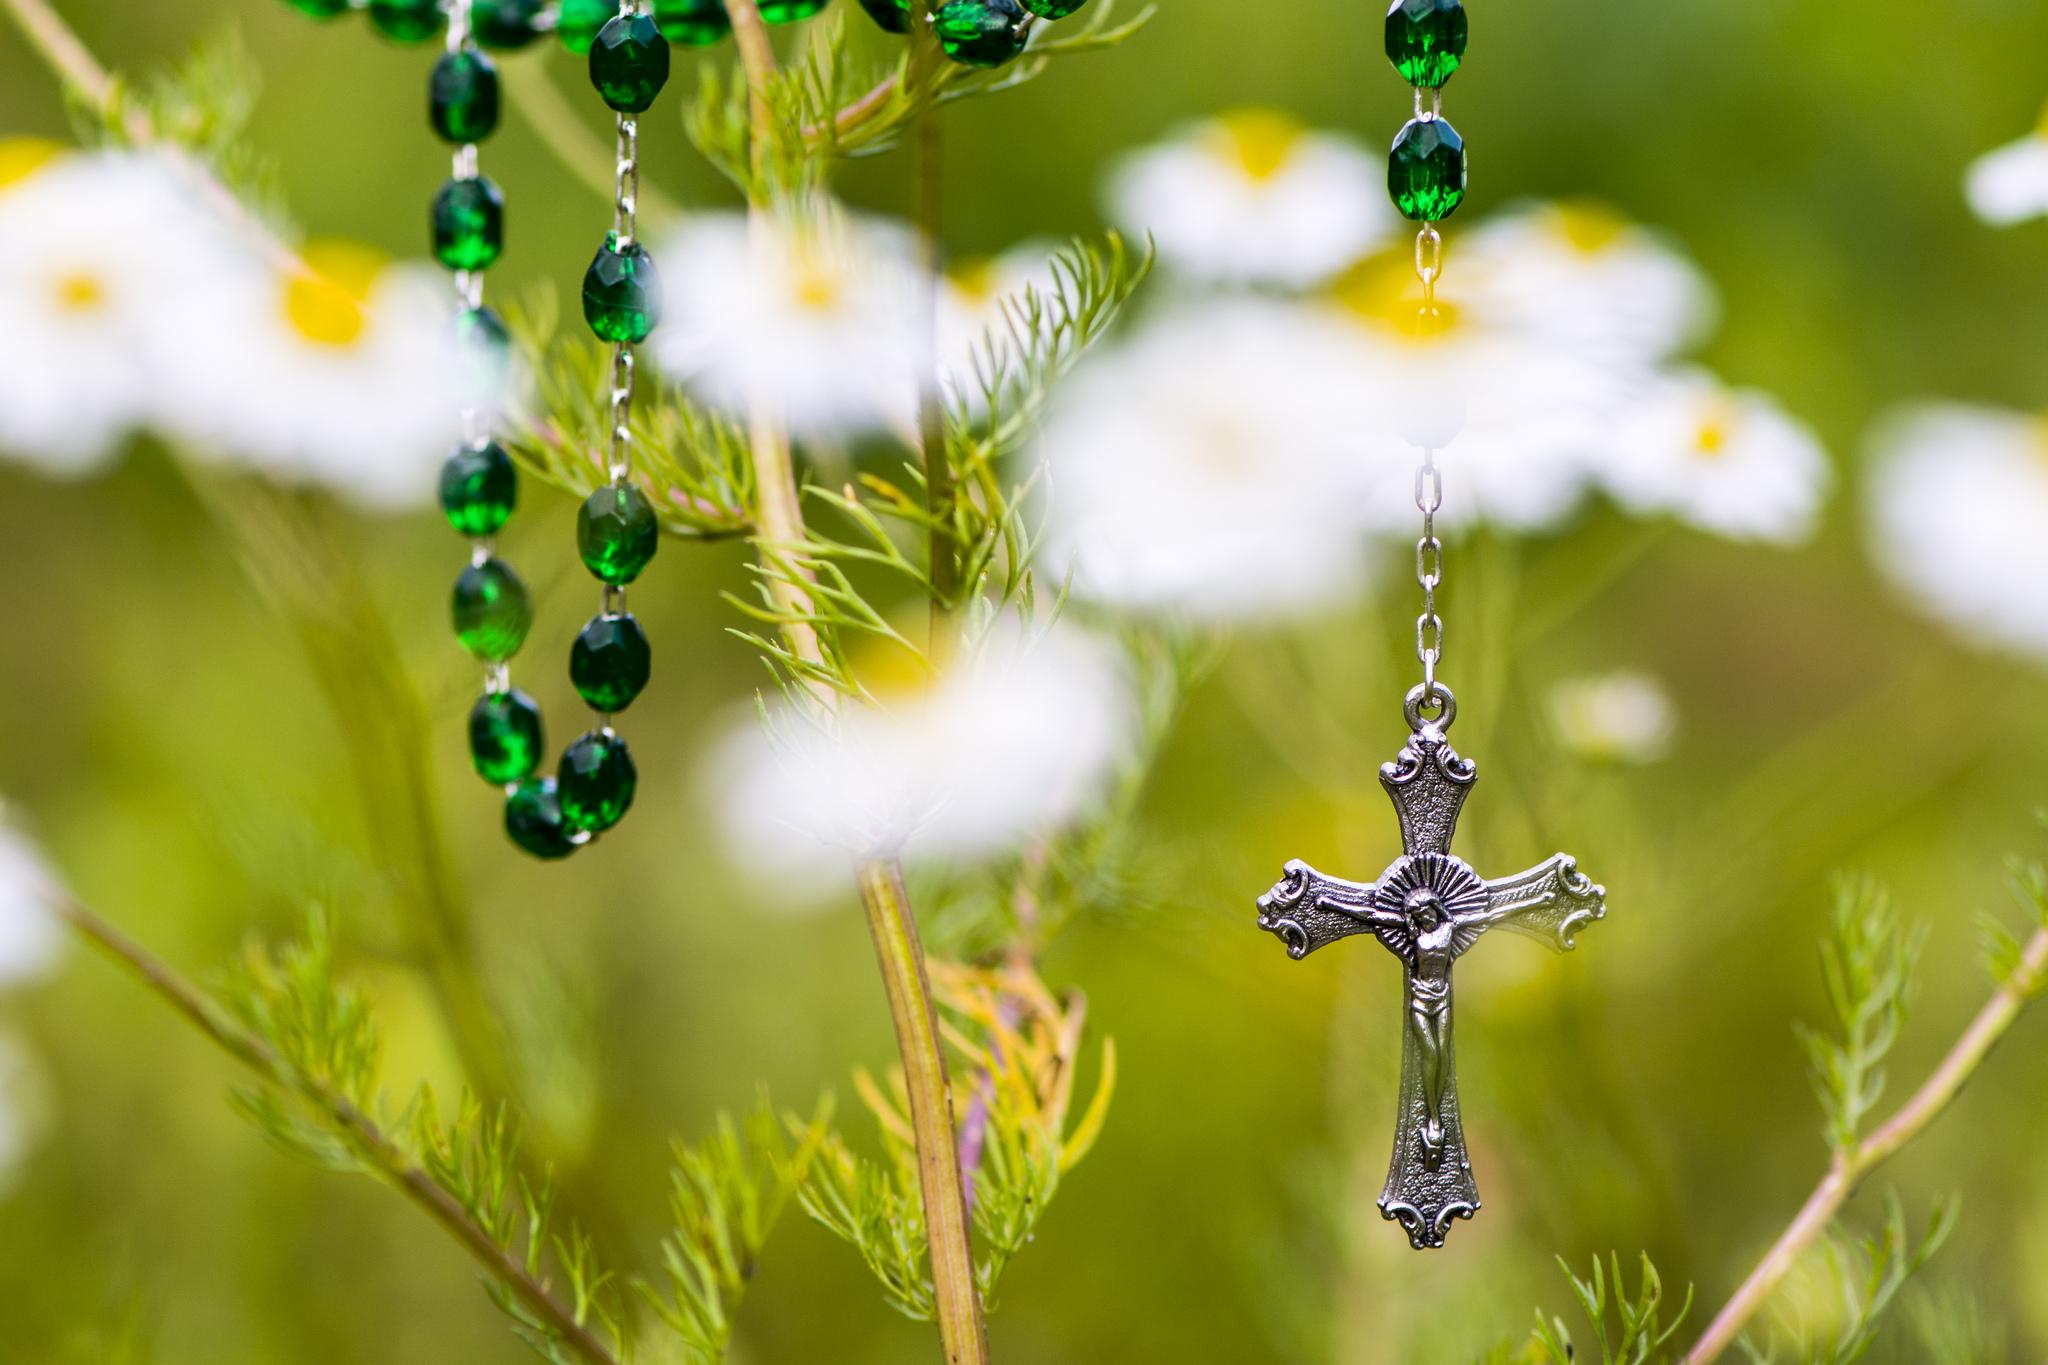 Un Rosario con Jesucristo - 2048x1365